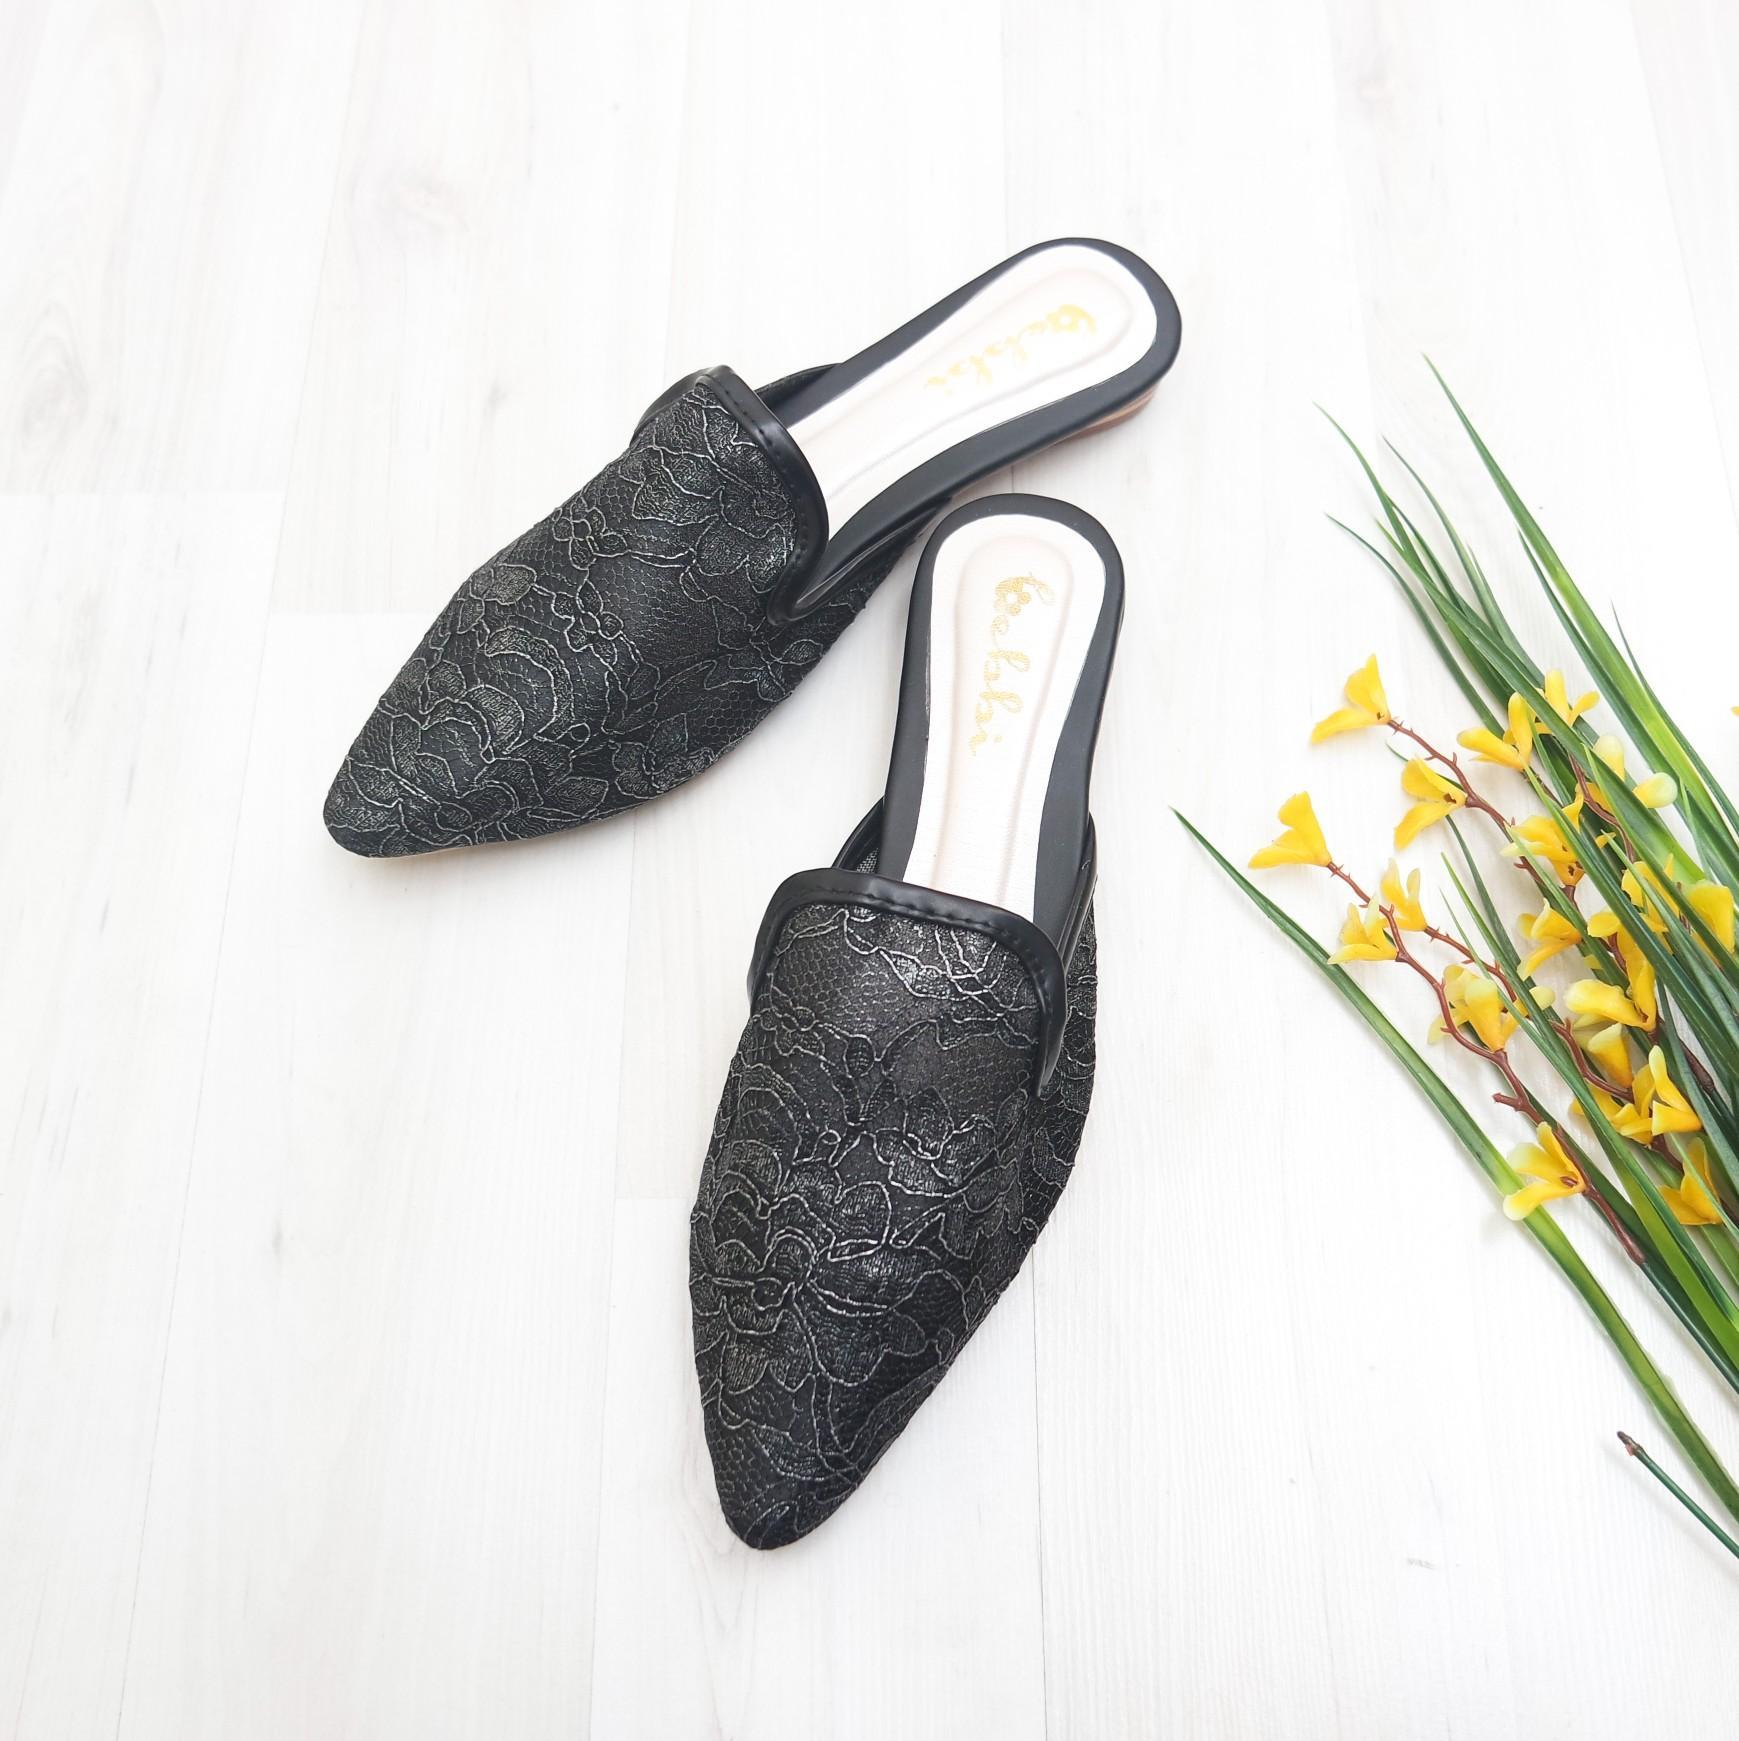 Bebbishoes-Asoka Flatshoes-Black